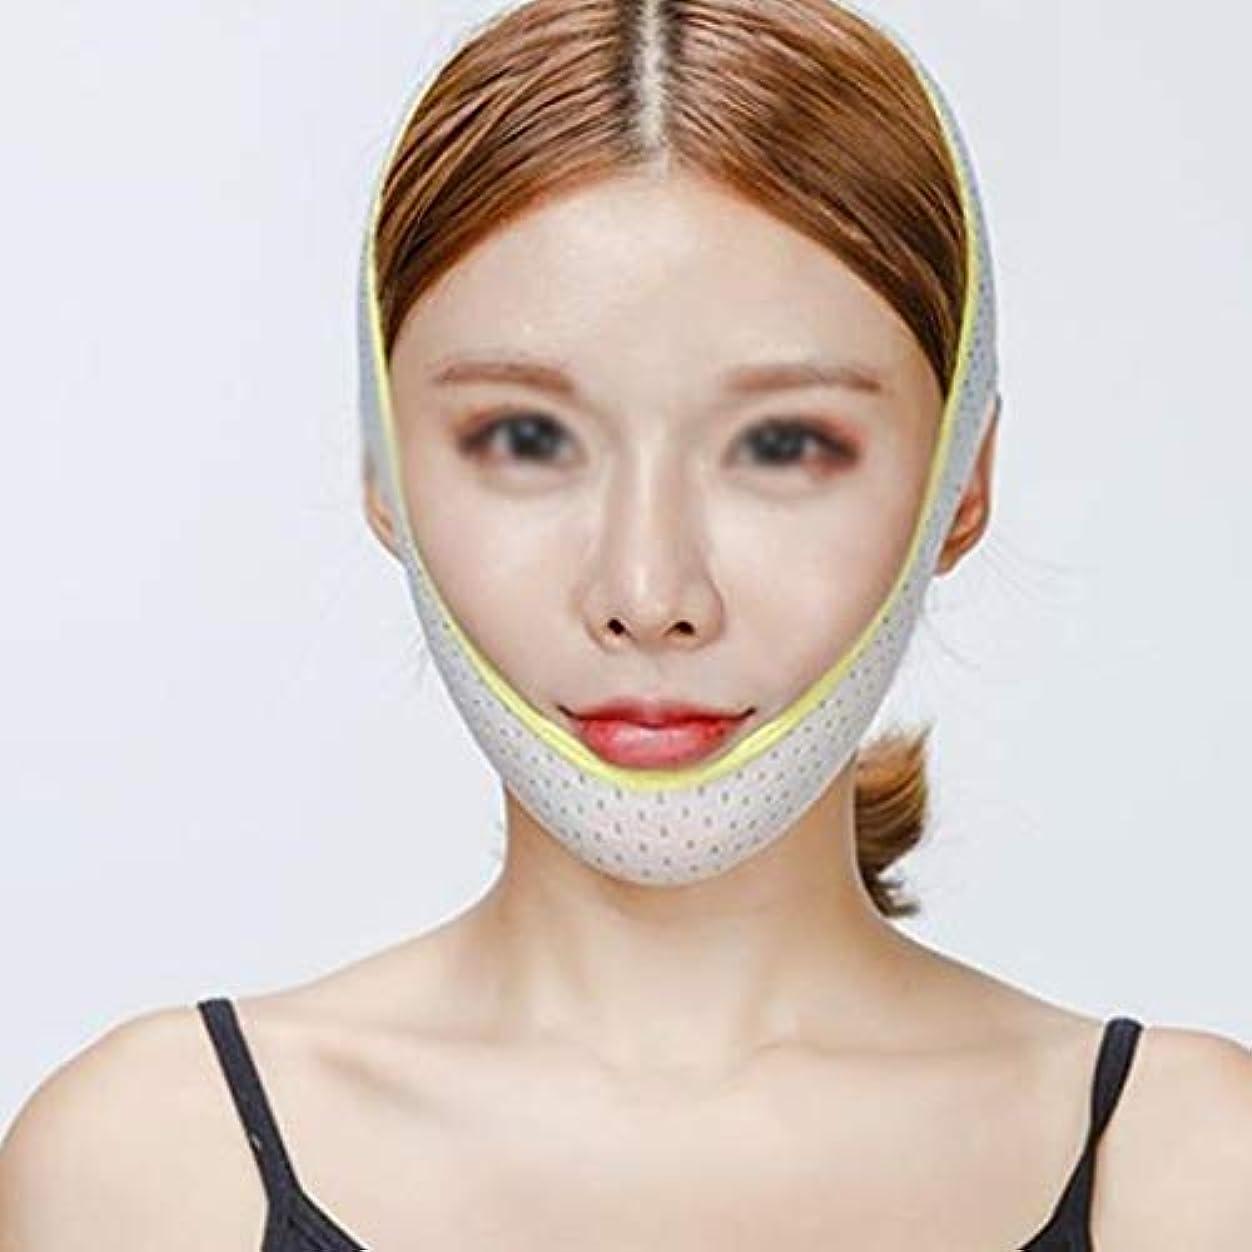 その後診療所費やすZWBD フェイスマスク, Vフェイスアーティファクトフェイスリフトステッカー本物のフェイスリフト韓国フェイスフェイシャルリフティングファーミングインストゥルメントフェイシャルリフティング睡眠包帯